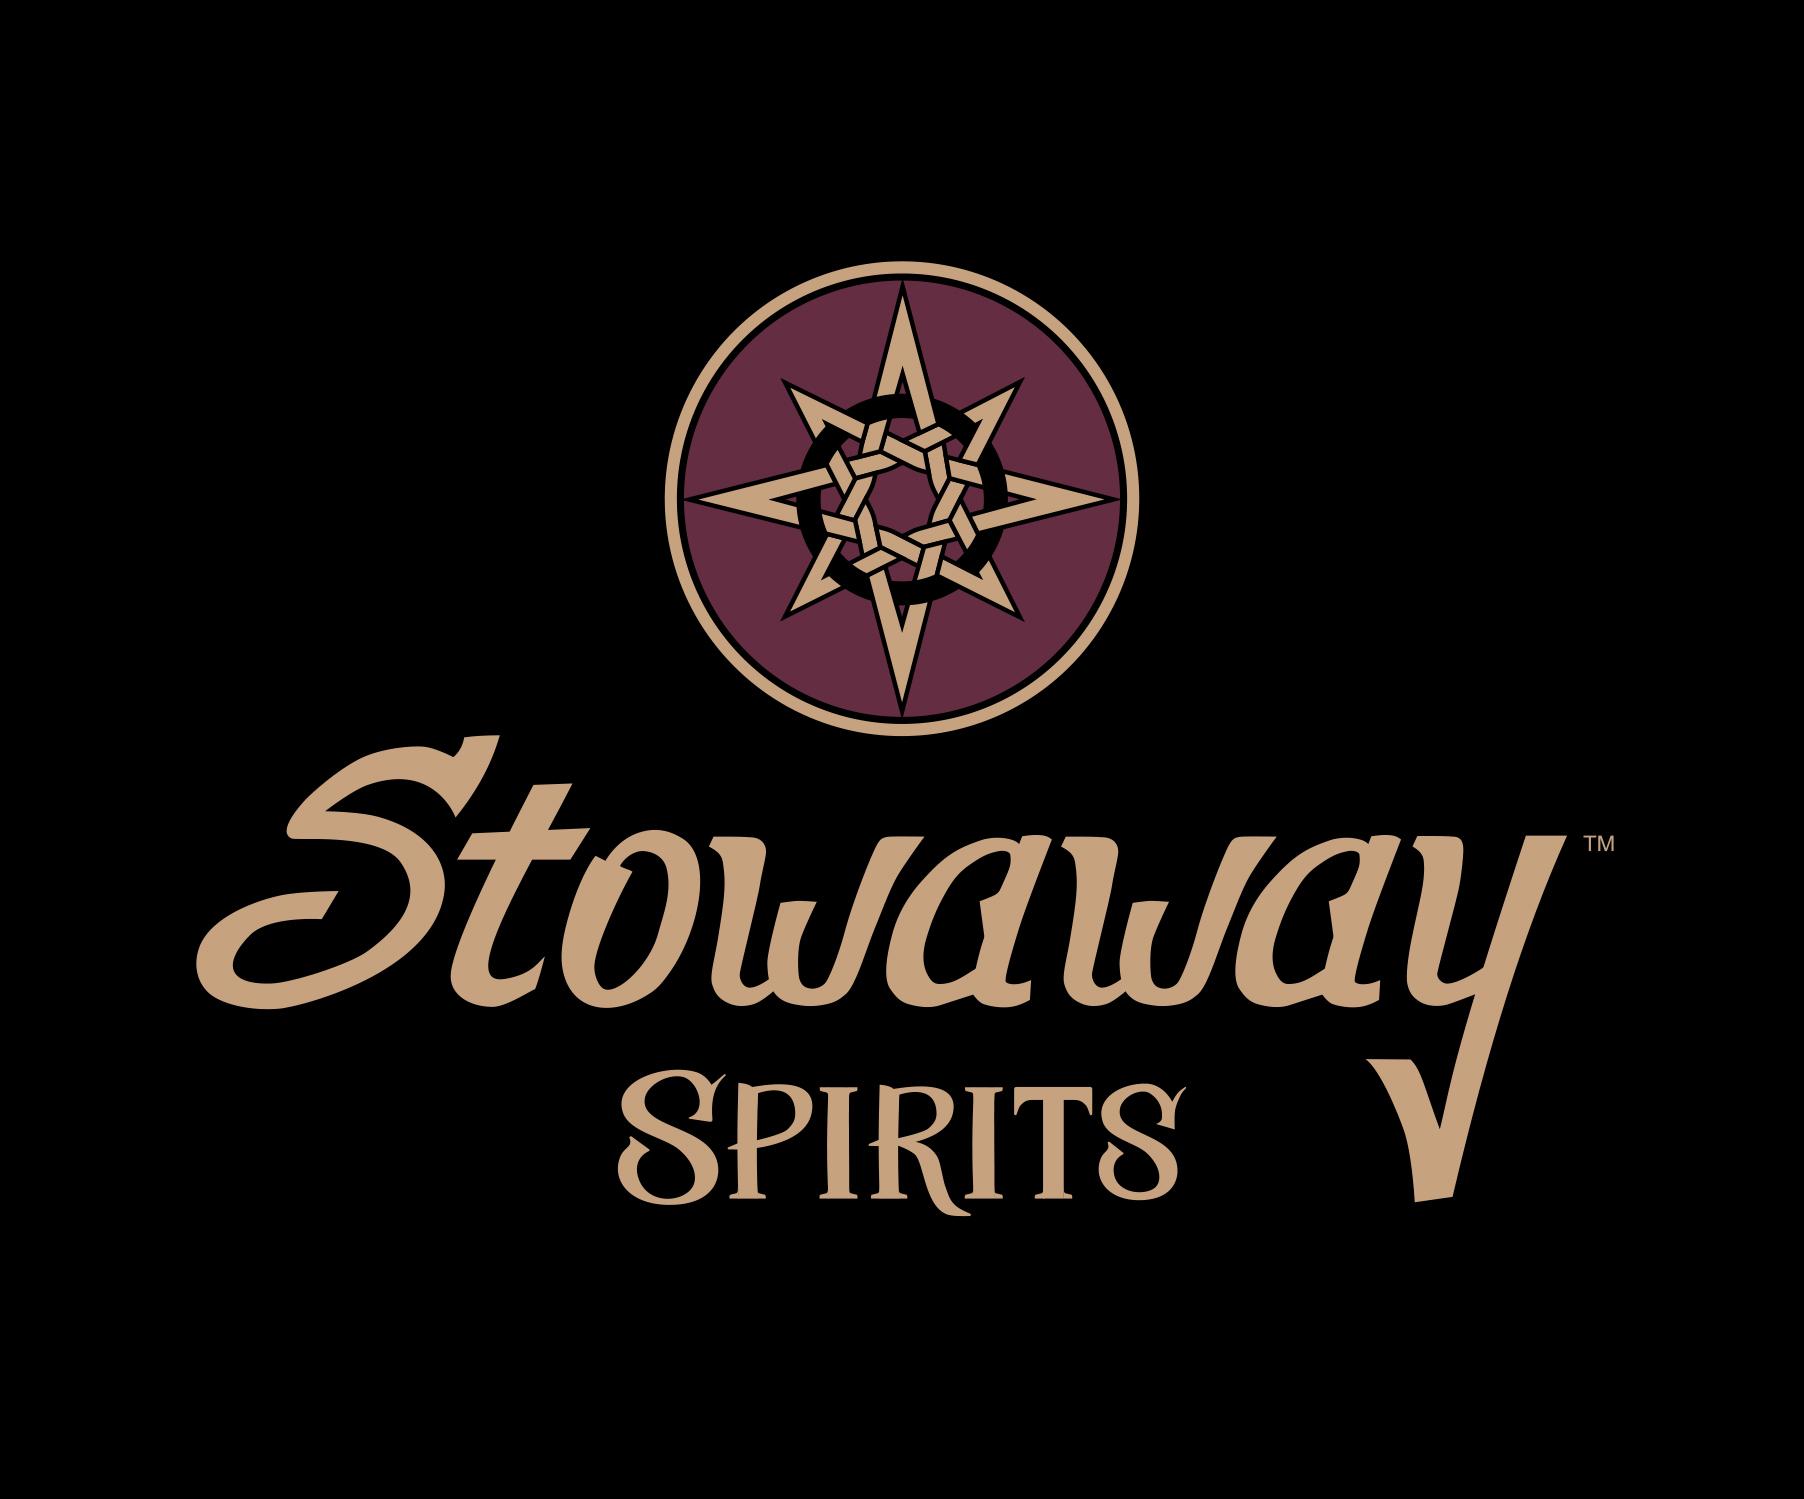 Stowaway Spirits